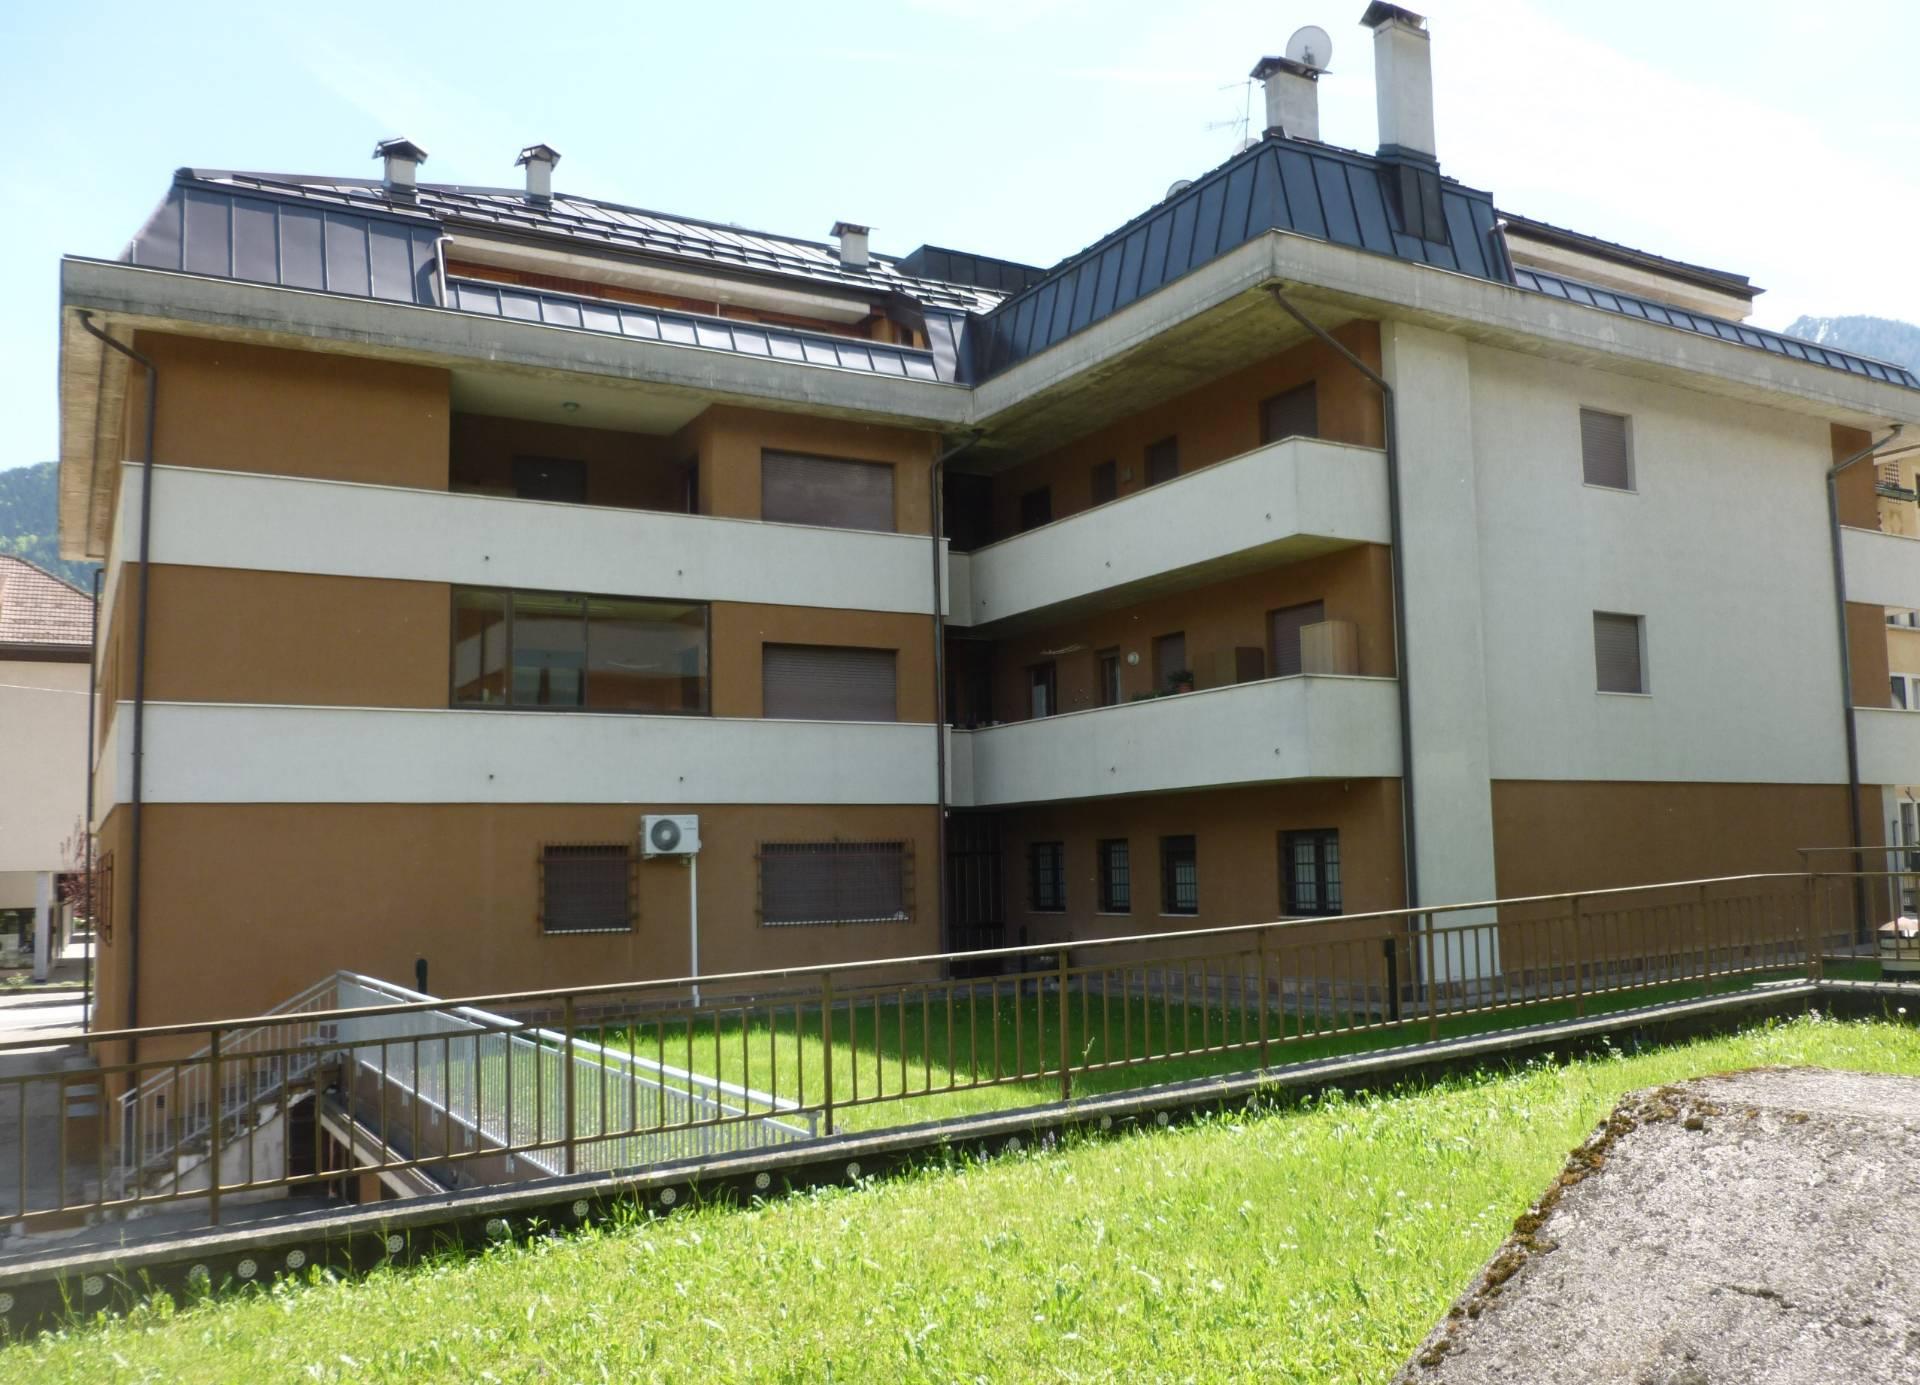 Appartamento in vendita a Tione di Trento, 2 locali, prezzo € 90.000 | CambioCasa.it